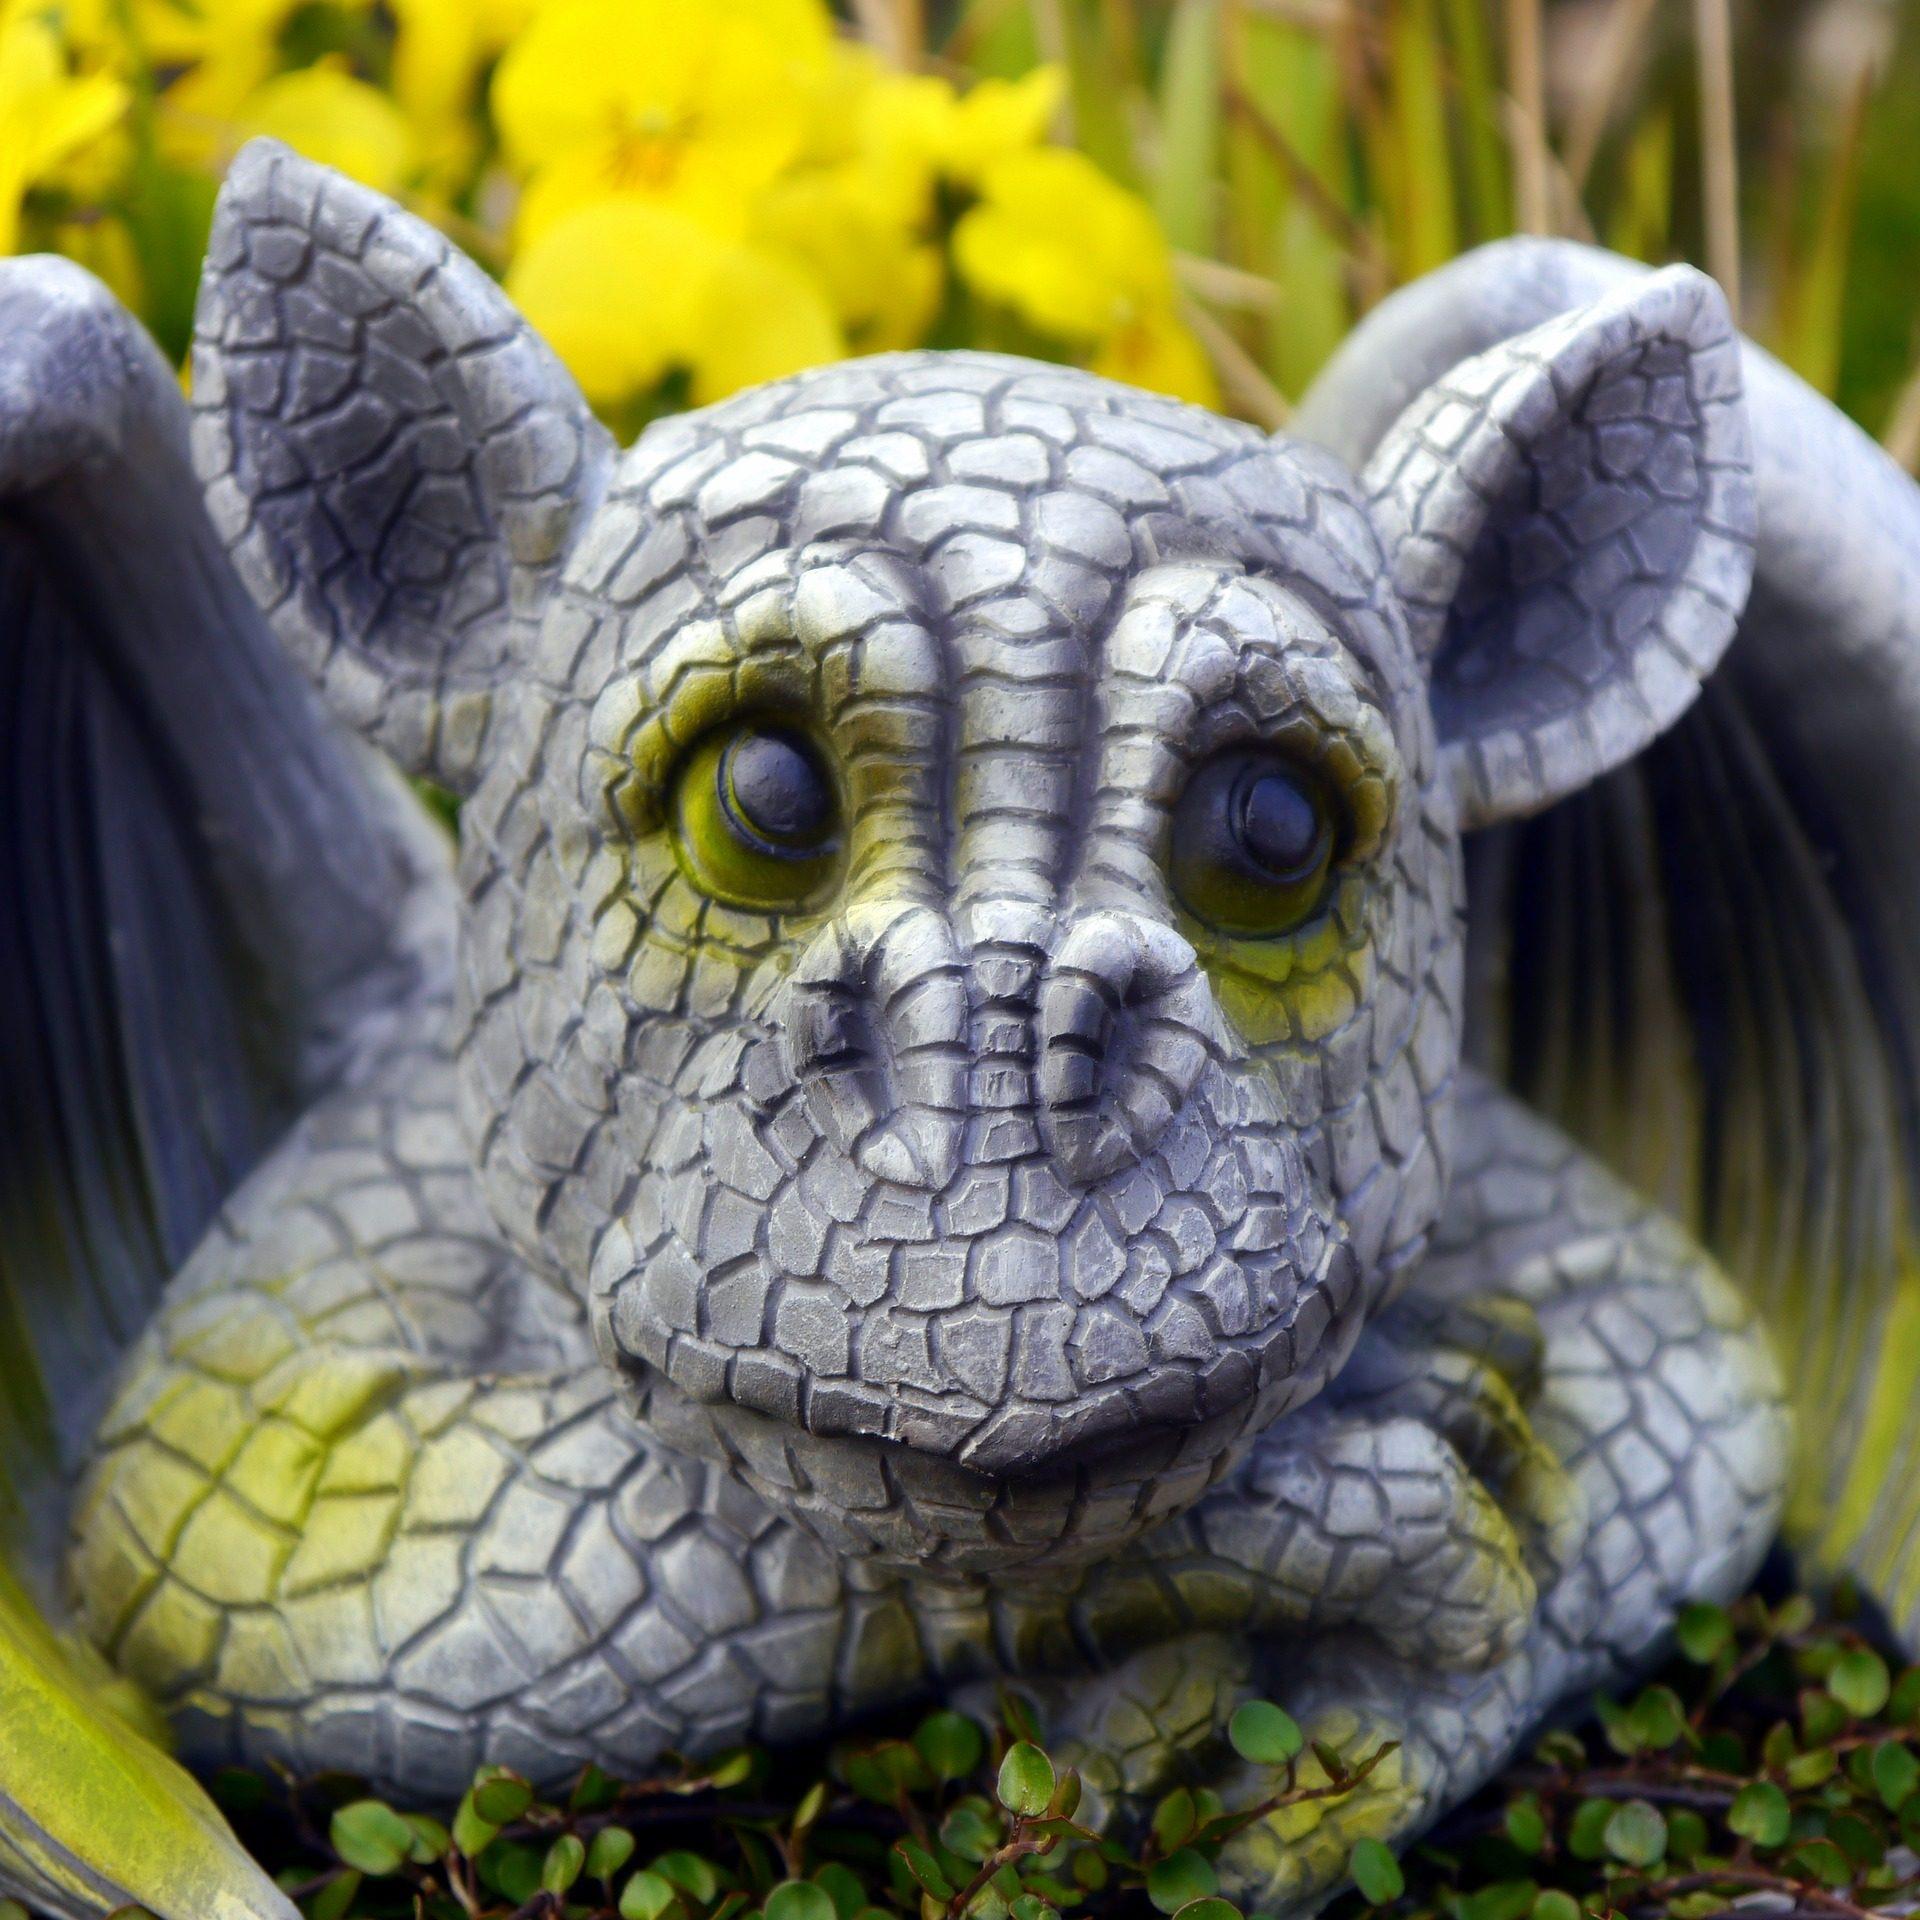 Dragón, Abbildung, Skulptur, Garten, muñeco - Wallpaper HD - Prof.-falken.com